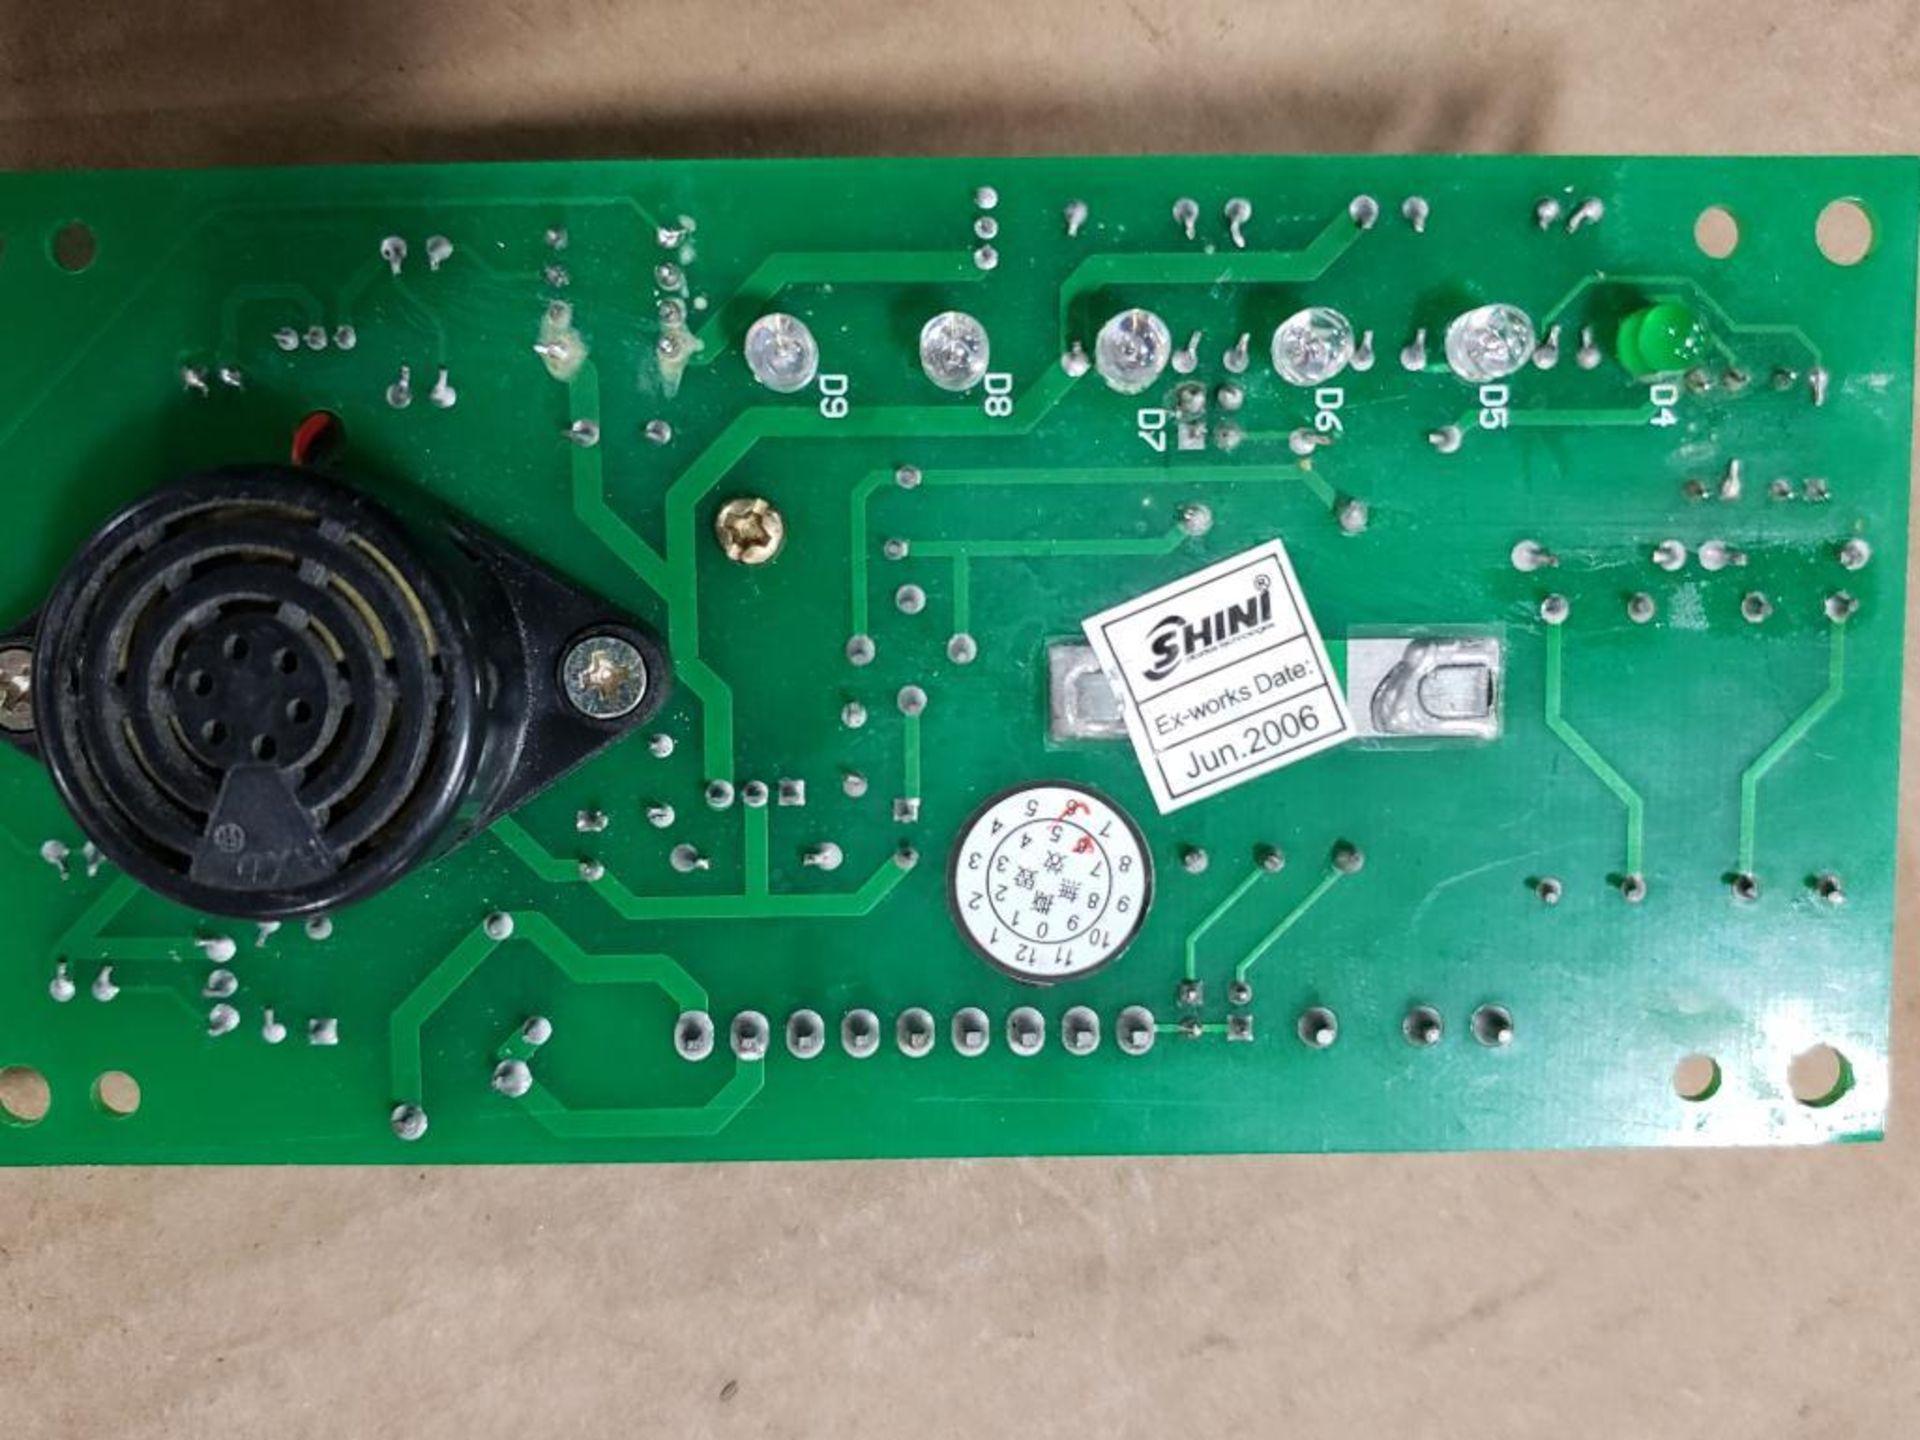 Qty 3 - Shini Si4T-1A control board. - Image 11 of 11